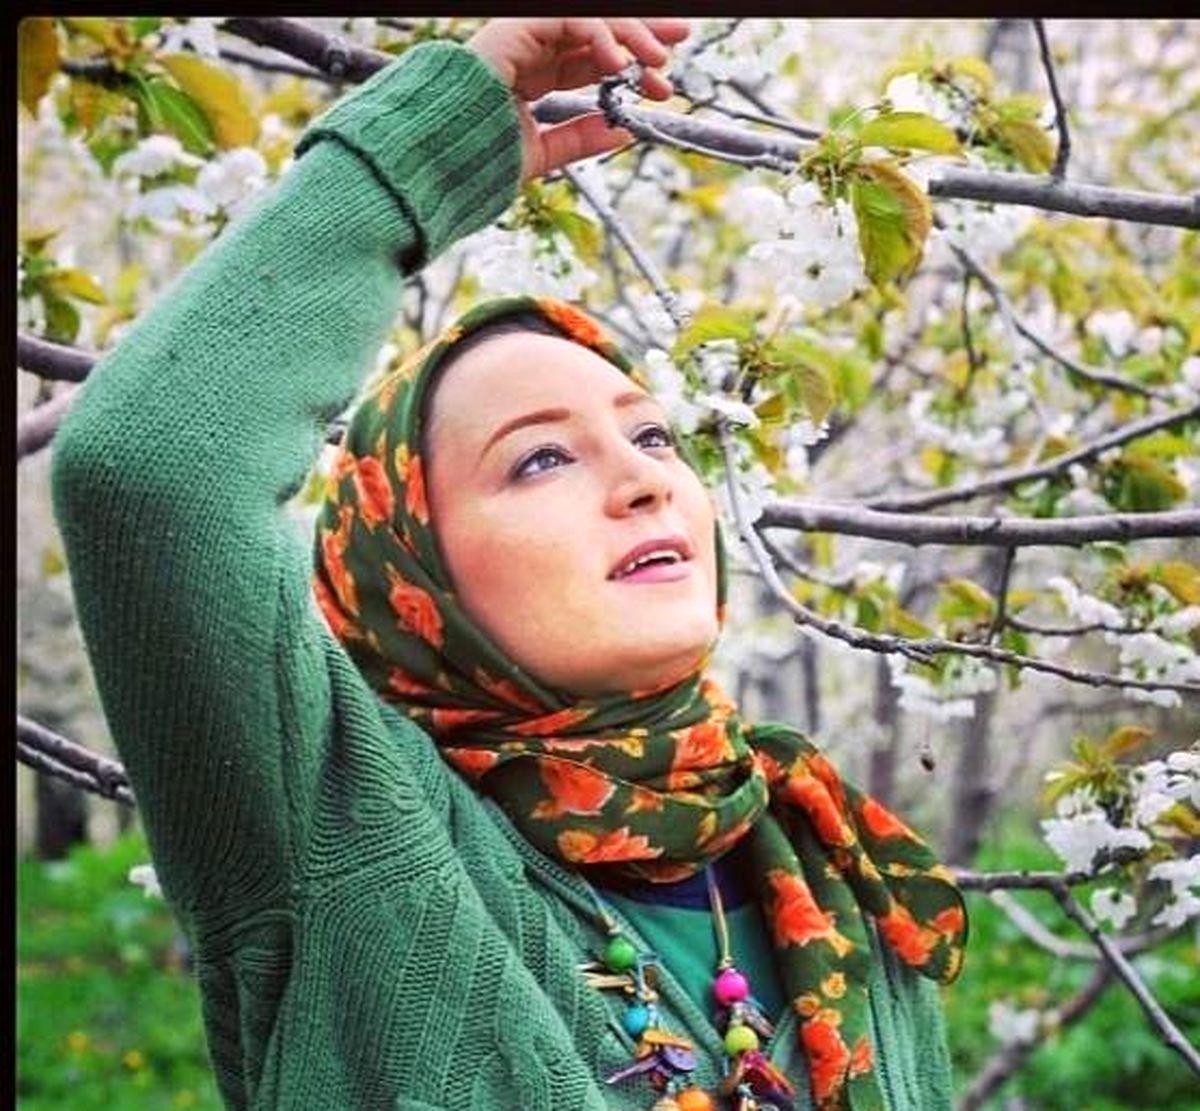 مهاجرت سحر ولدبیگی و همسرش به روستا/زندگی لاکچری سحر ولدبیگی در روستا +عکس